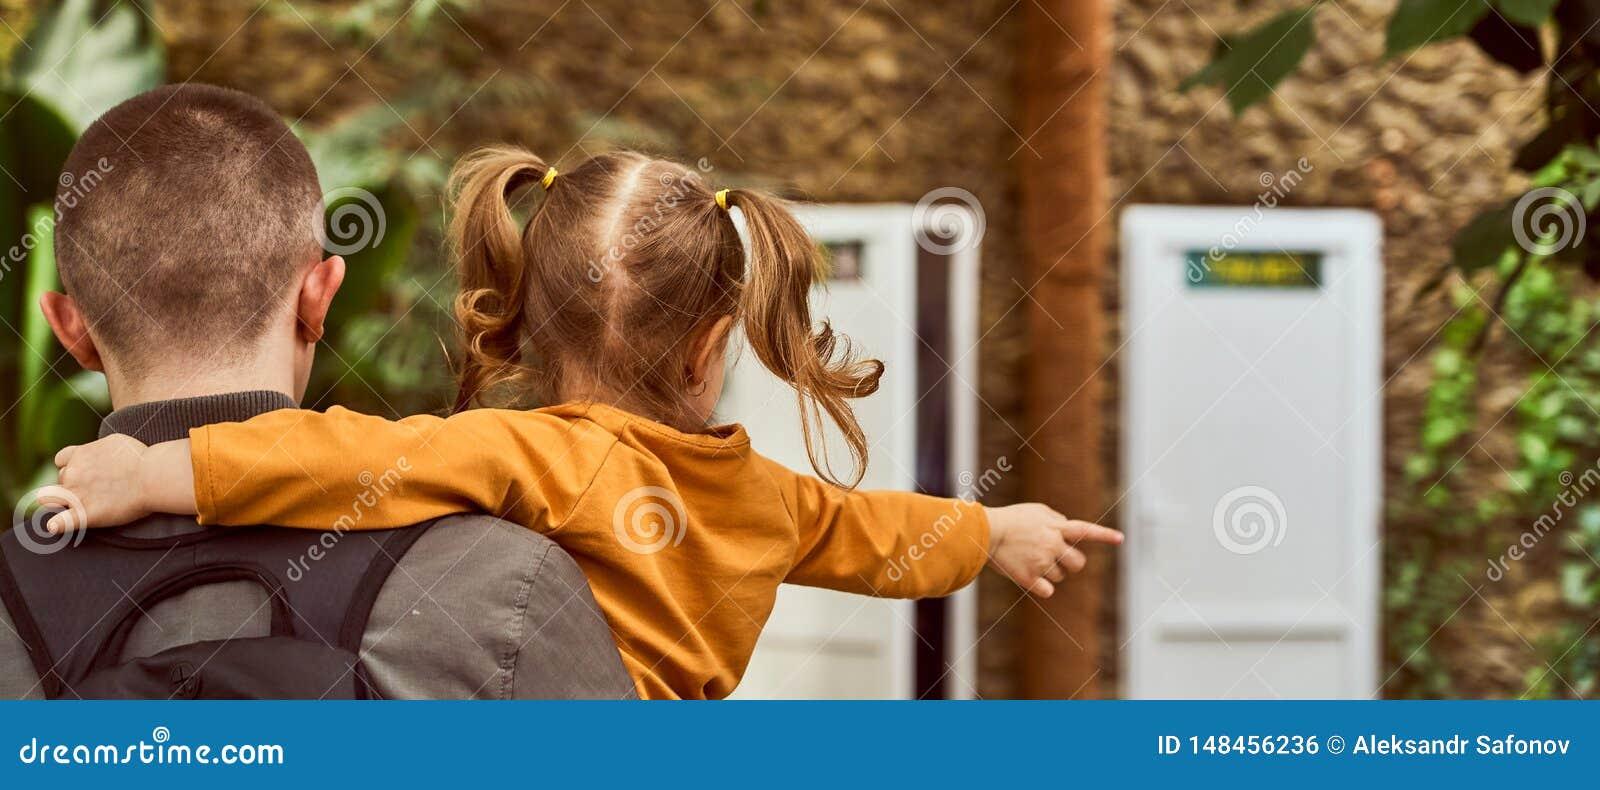 Un hombre que detiene a un niño en sus brazos, parte posterior en el marco, va